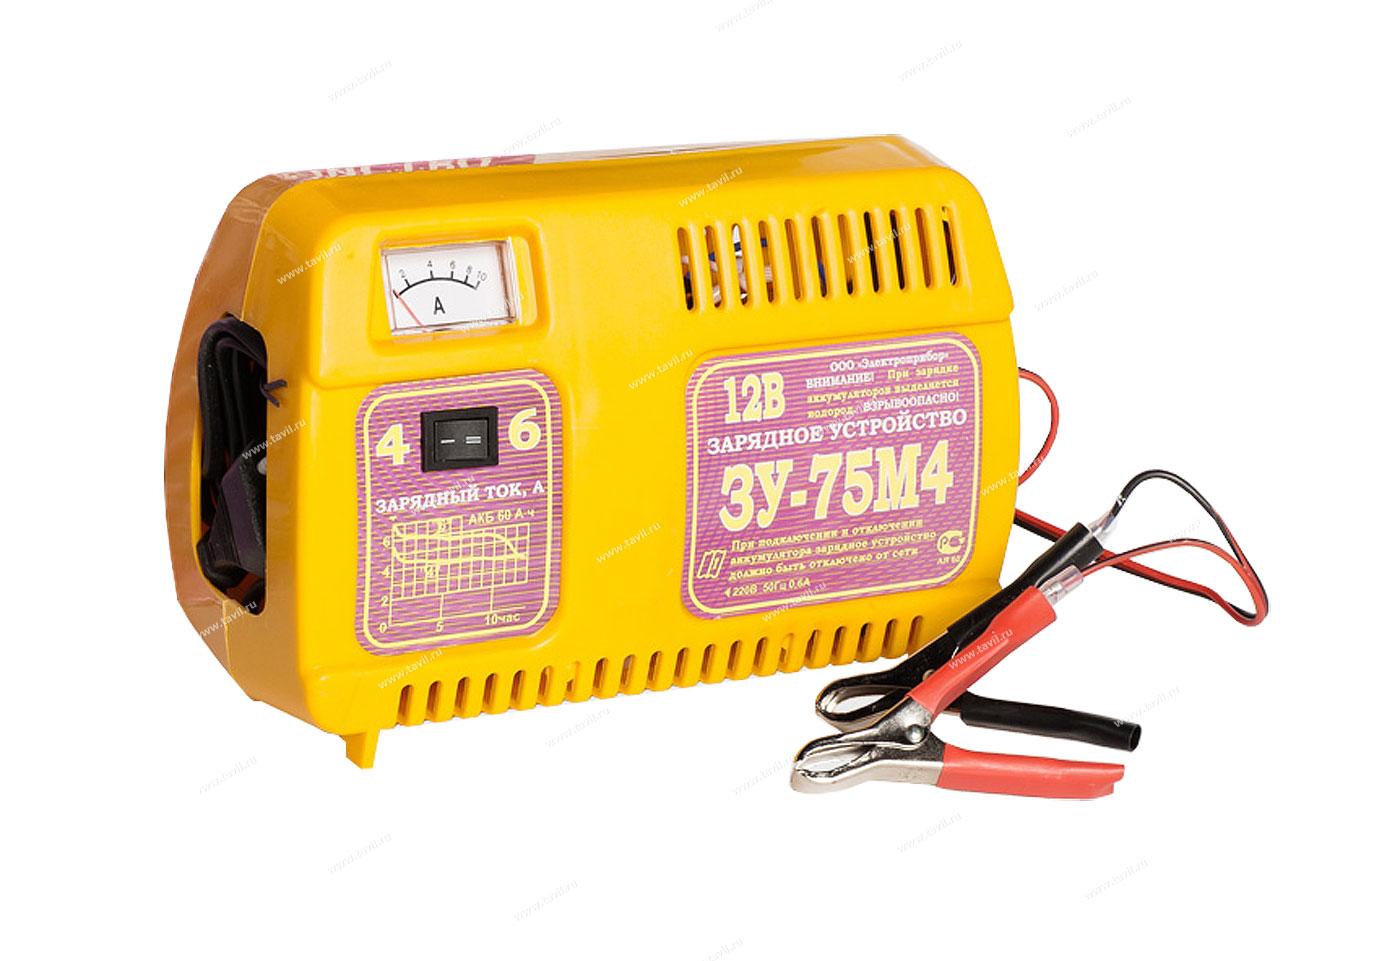 Зарядное устройство инструкция зу 75м4